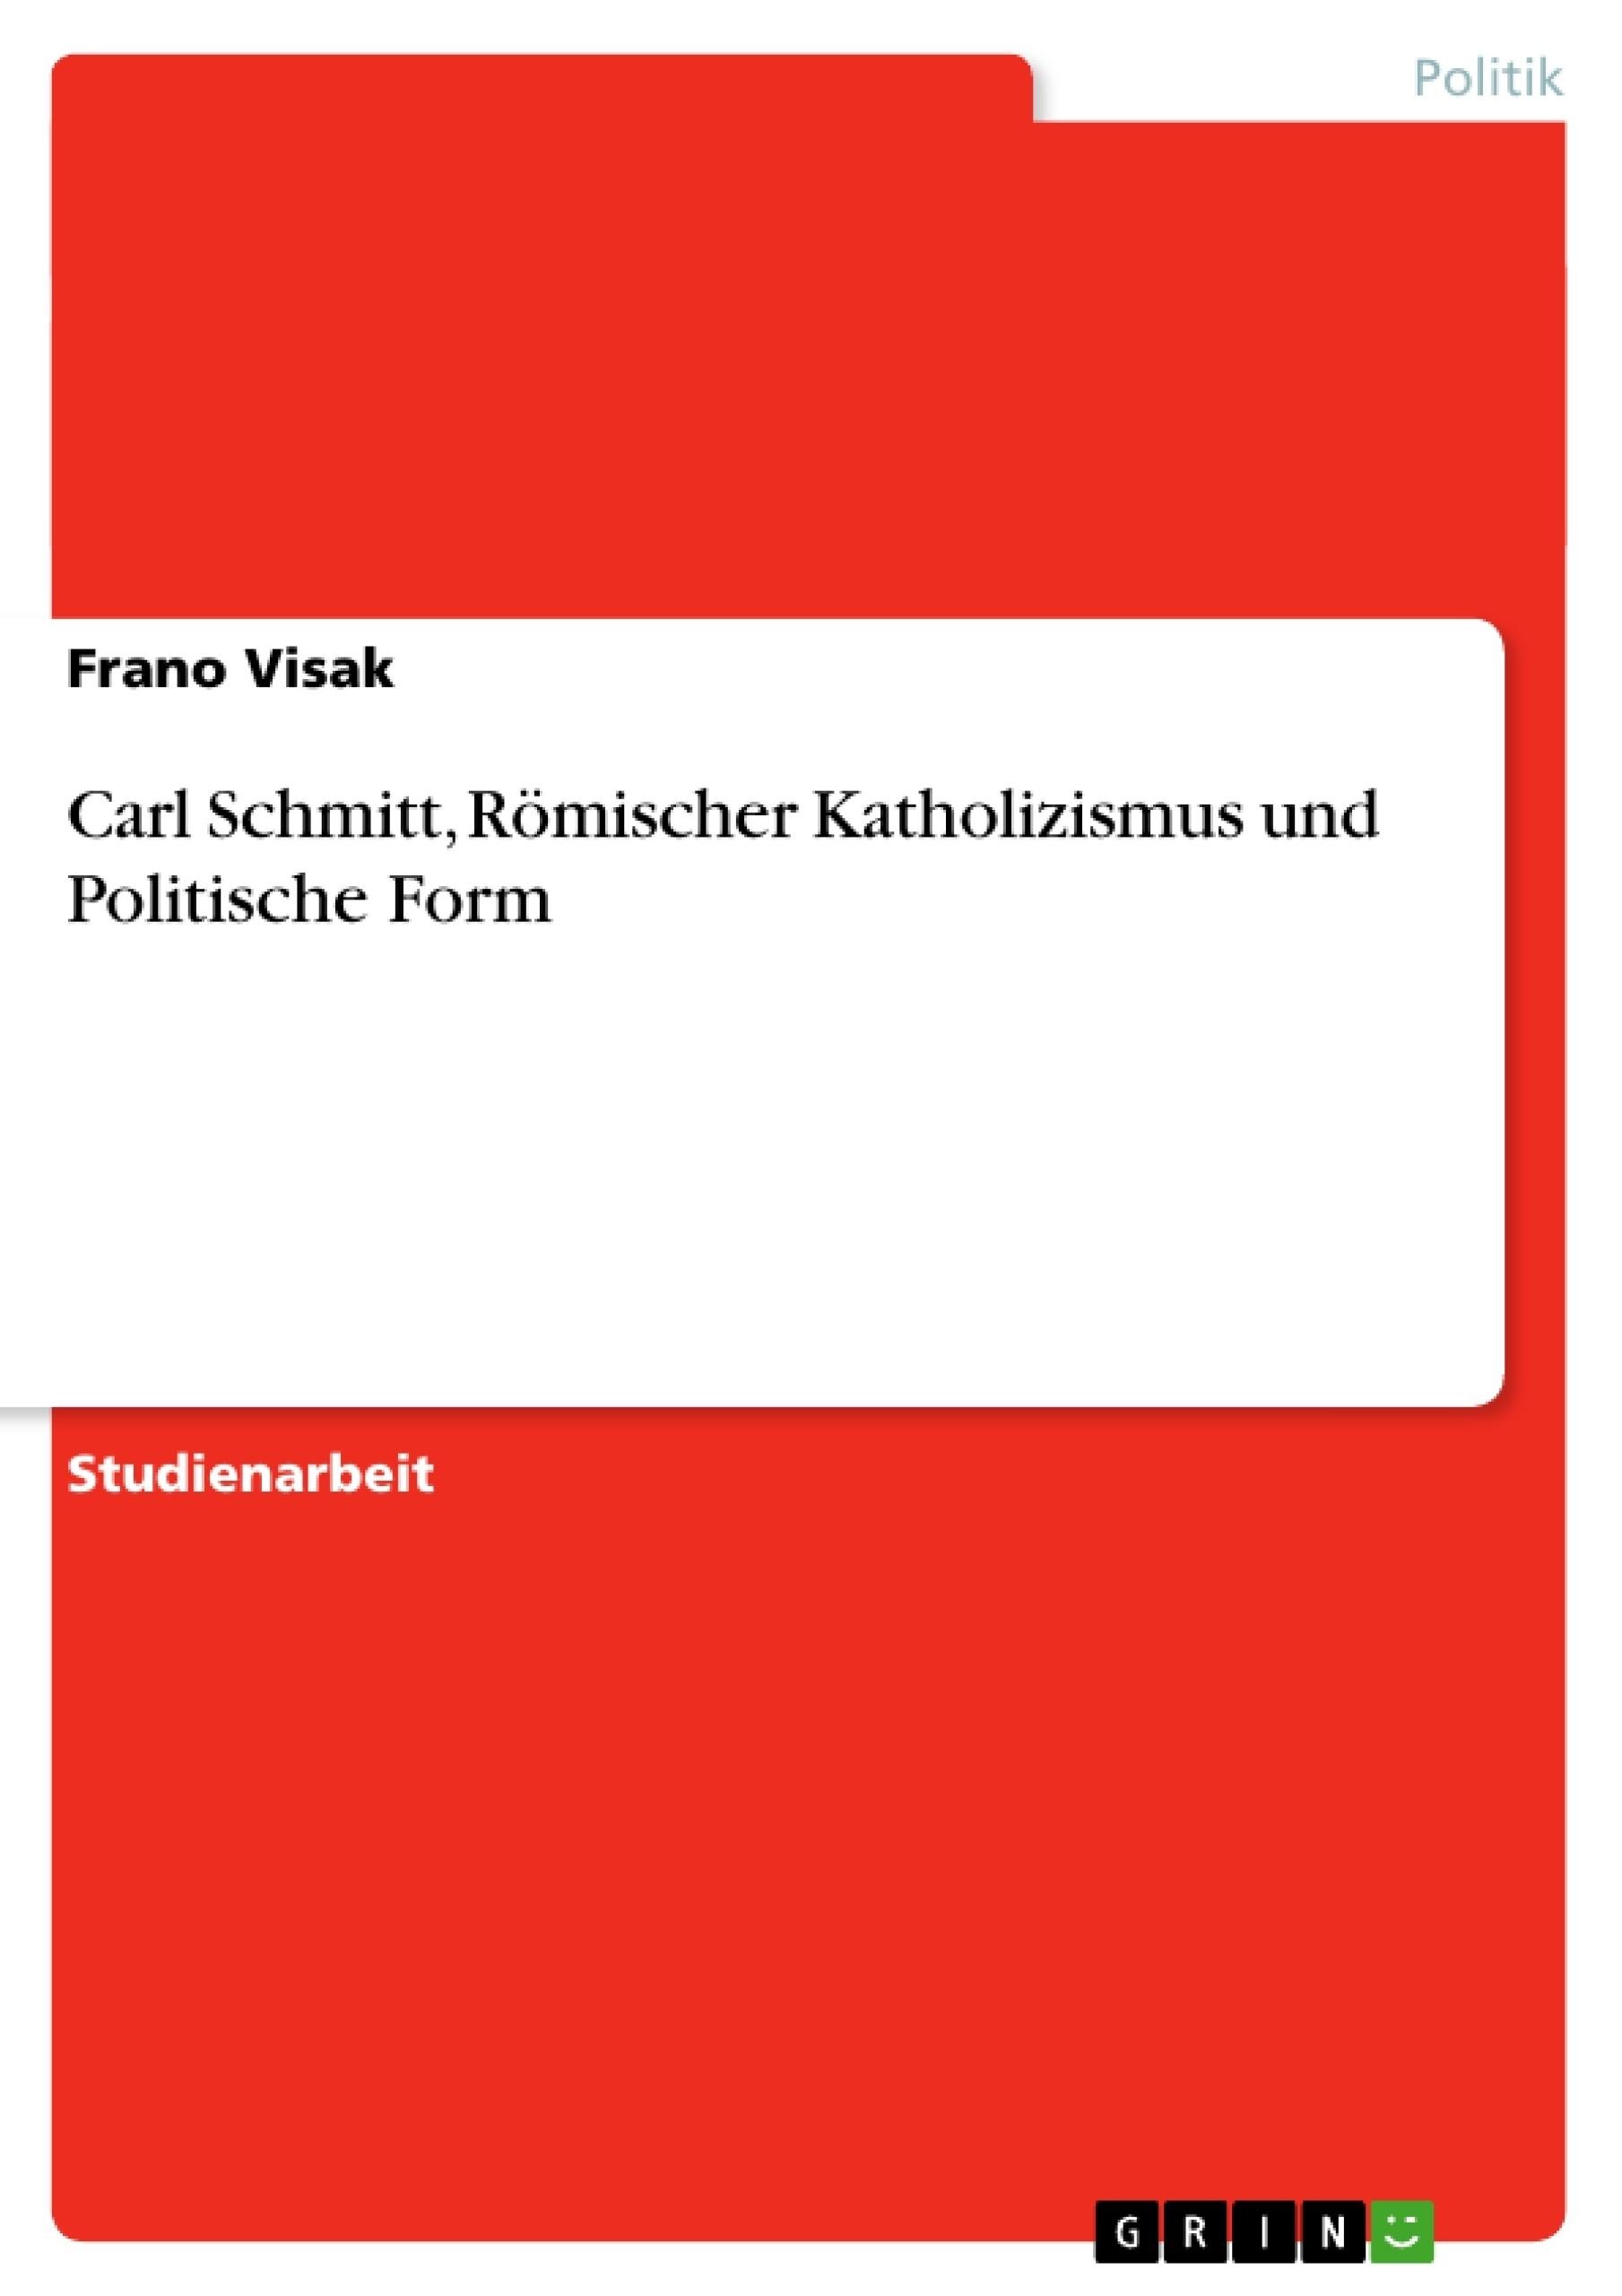 Titel: Carl Schmitt, Römischer Katholizismus und Politische Form